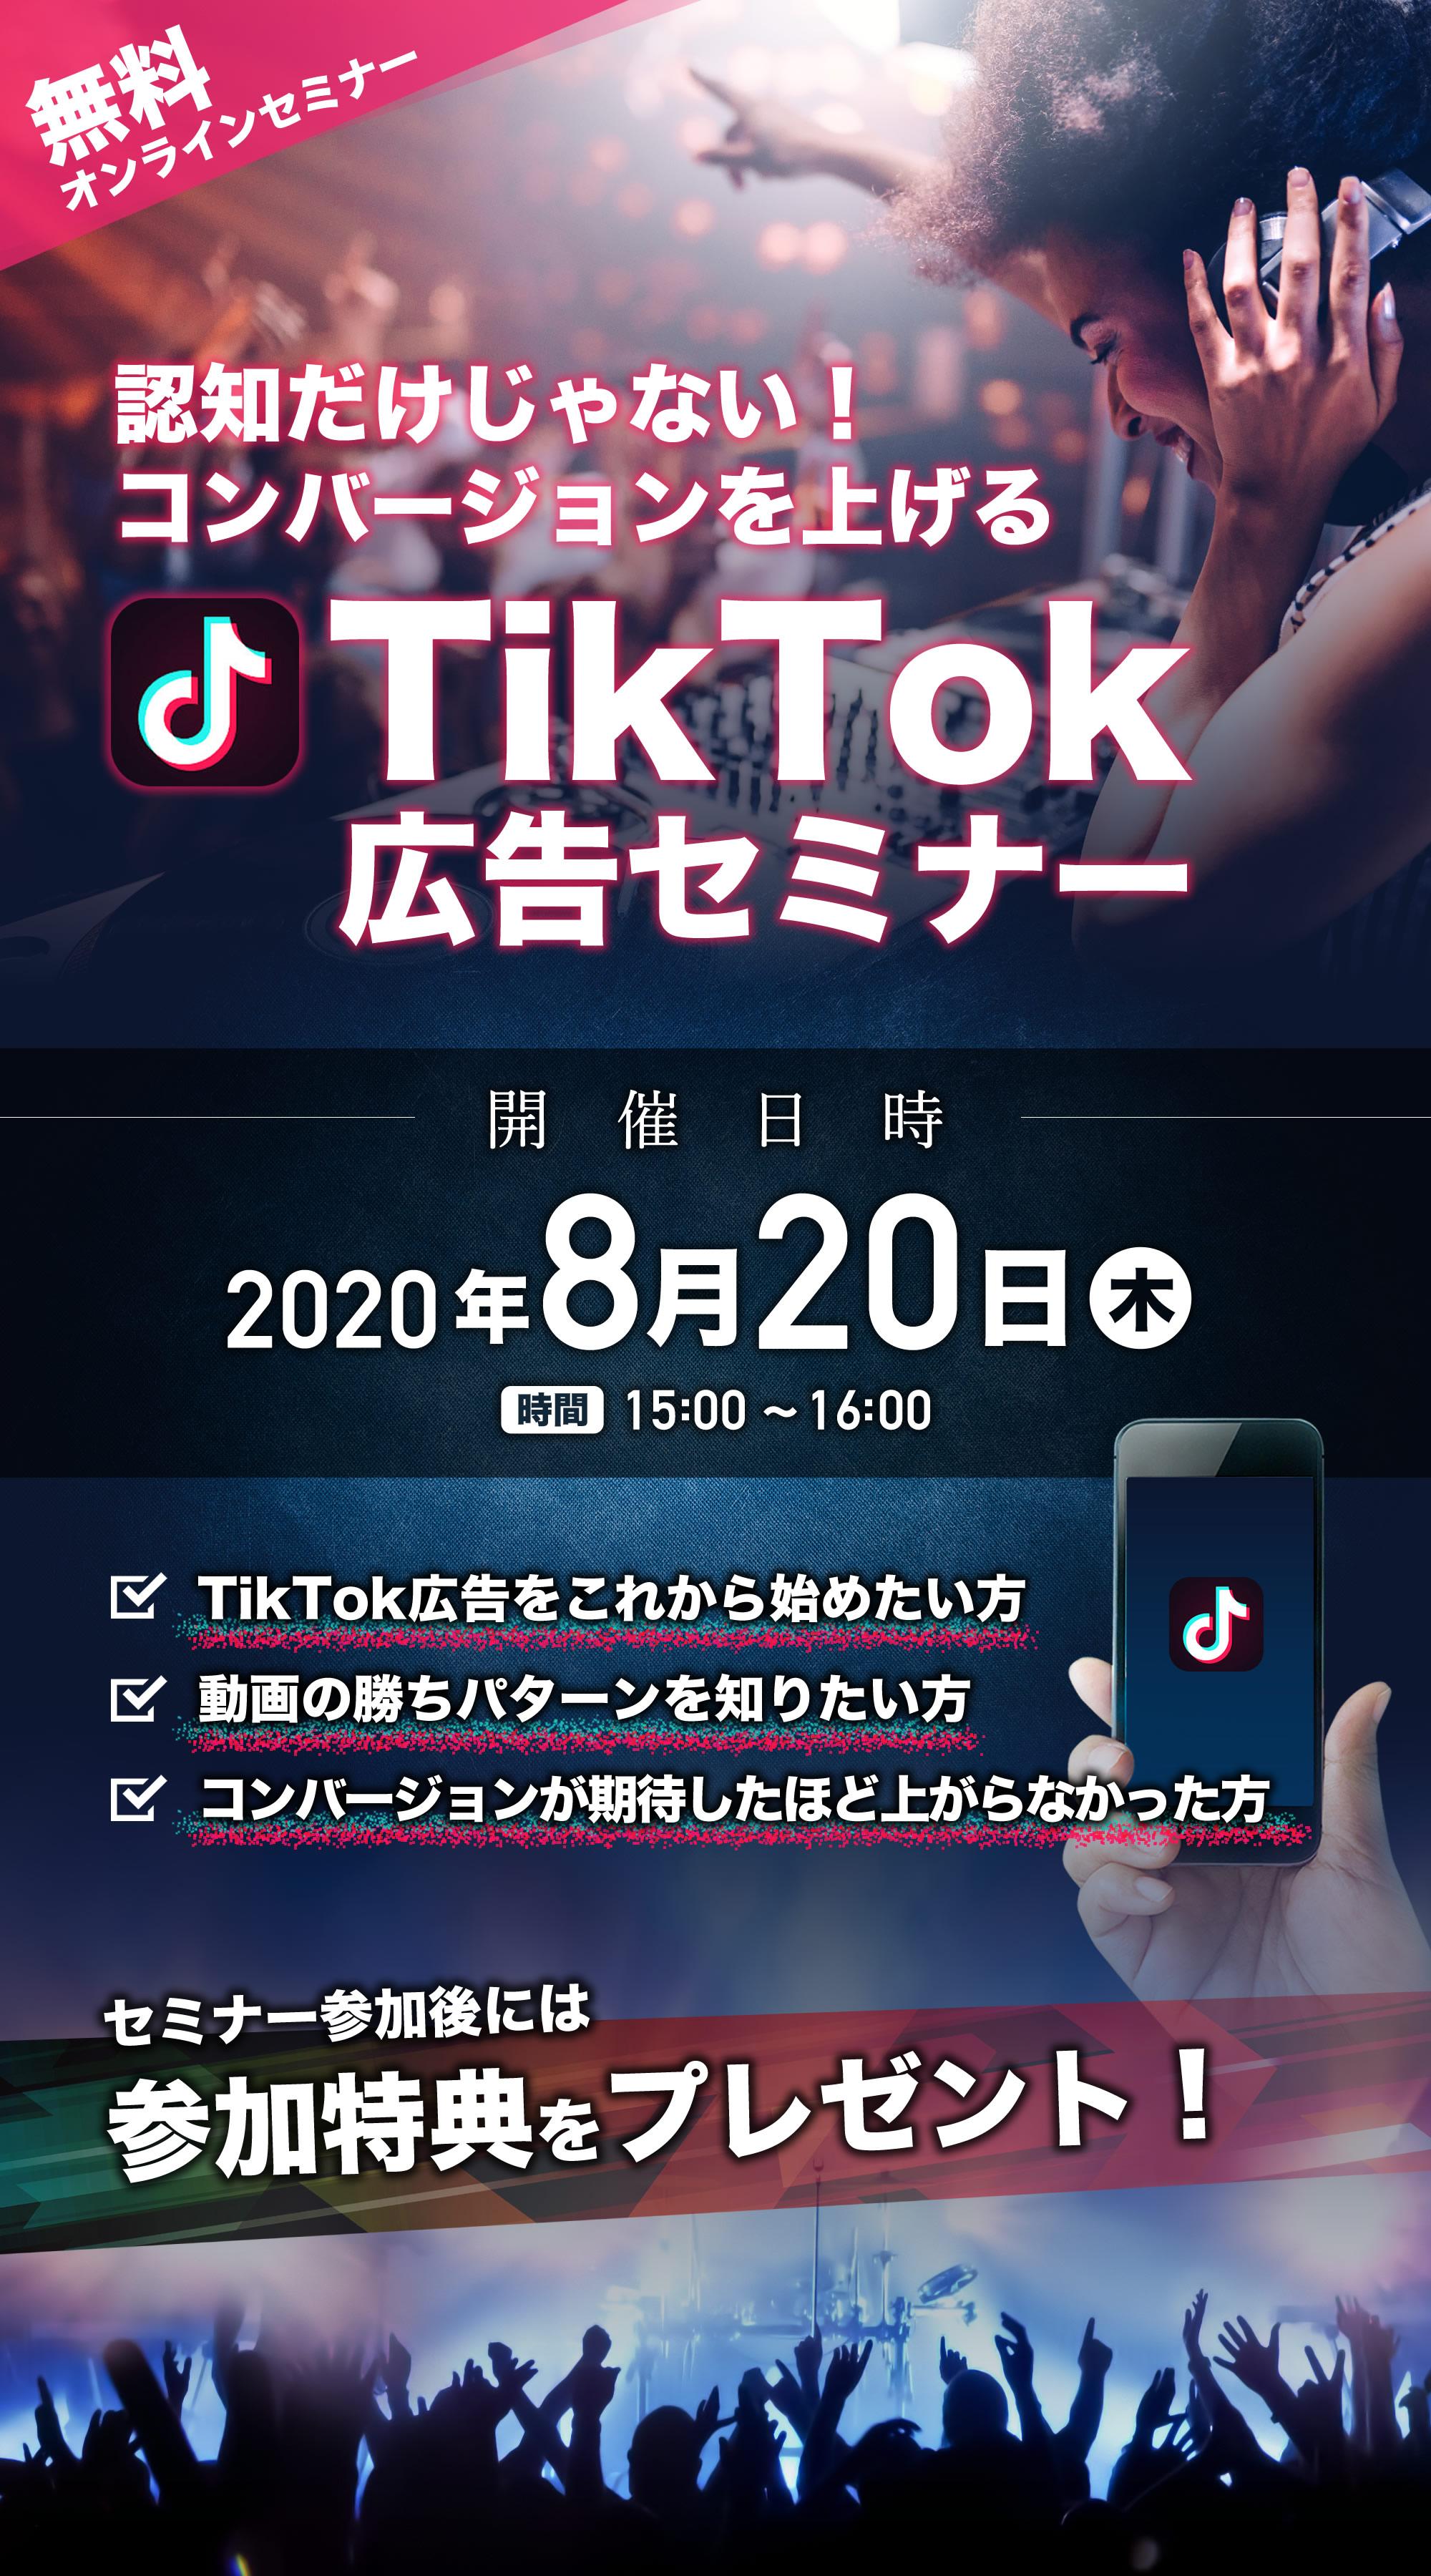 【TikTokオンラインセミナー】<br/>認知だけじゃない!<br/>コンバージョンを上げるTikTokオンライン広告セミナー